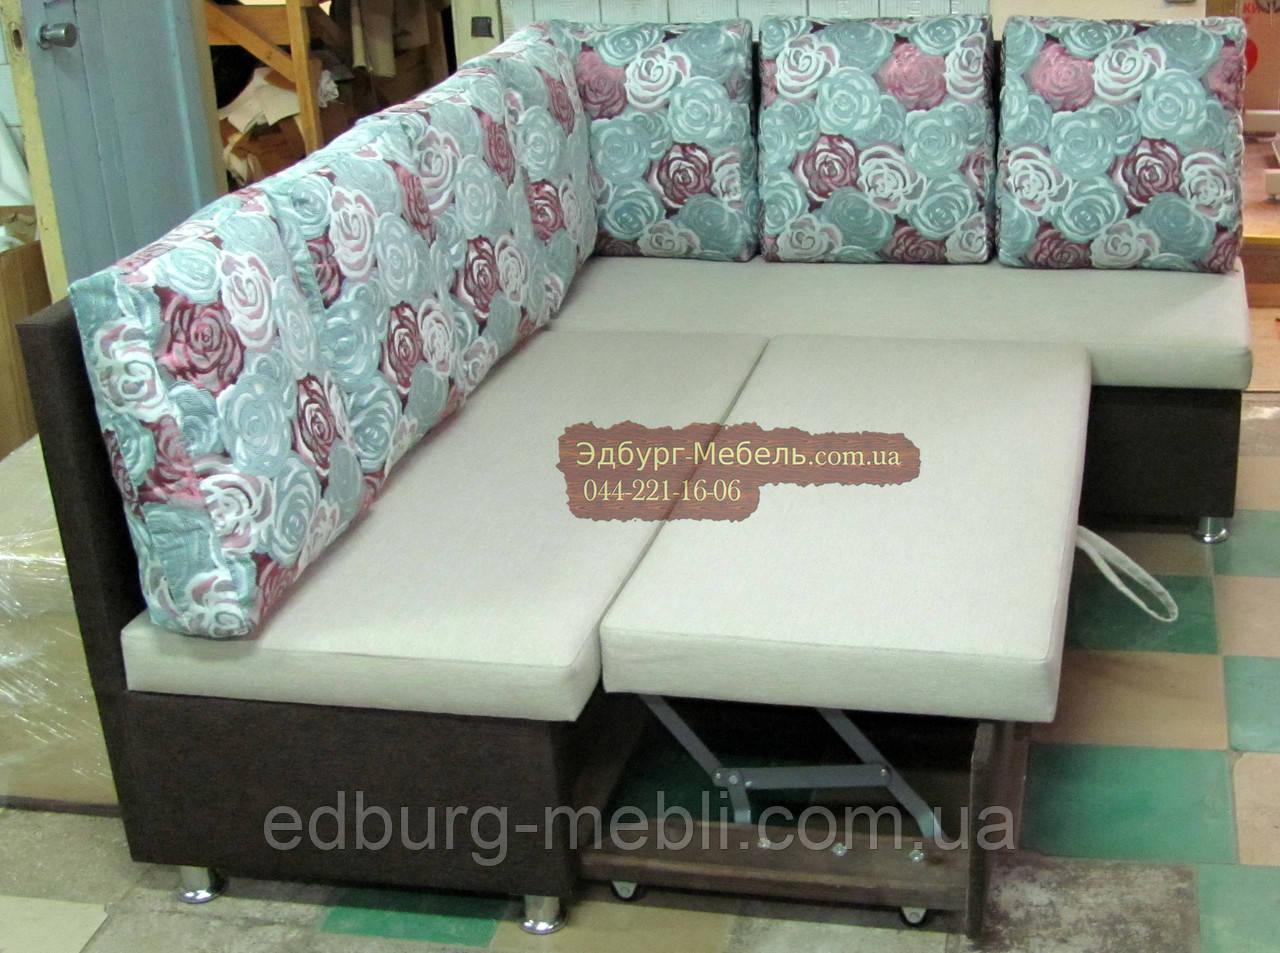 мебель для кухни фото и цены украина